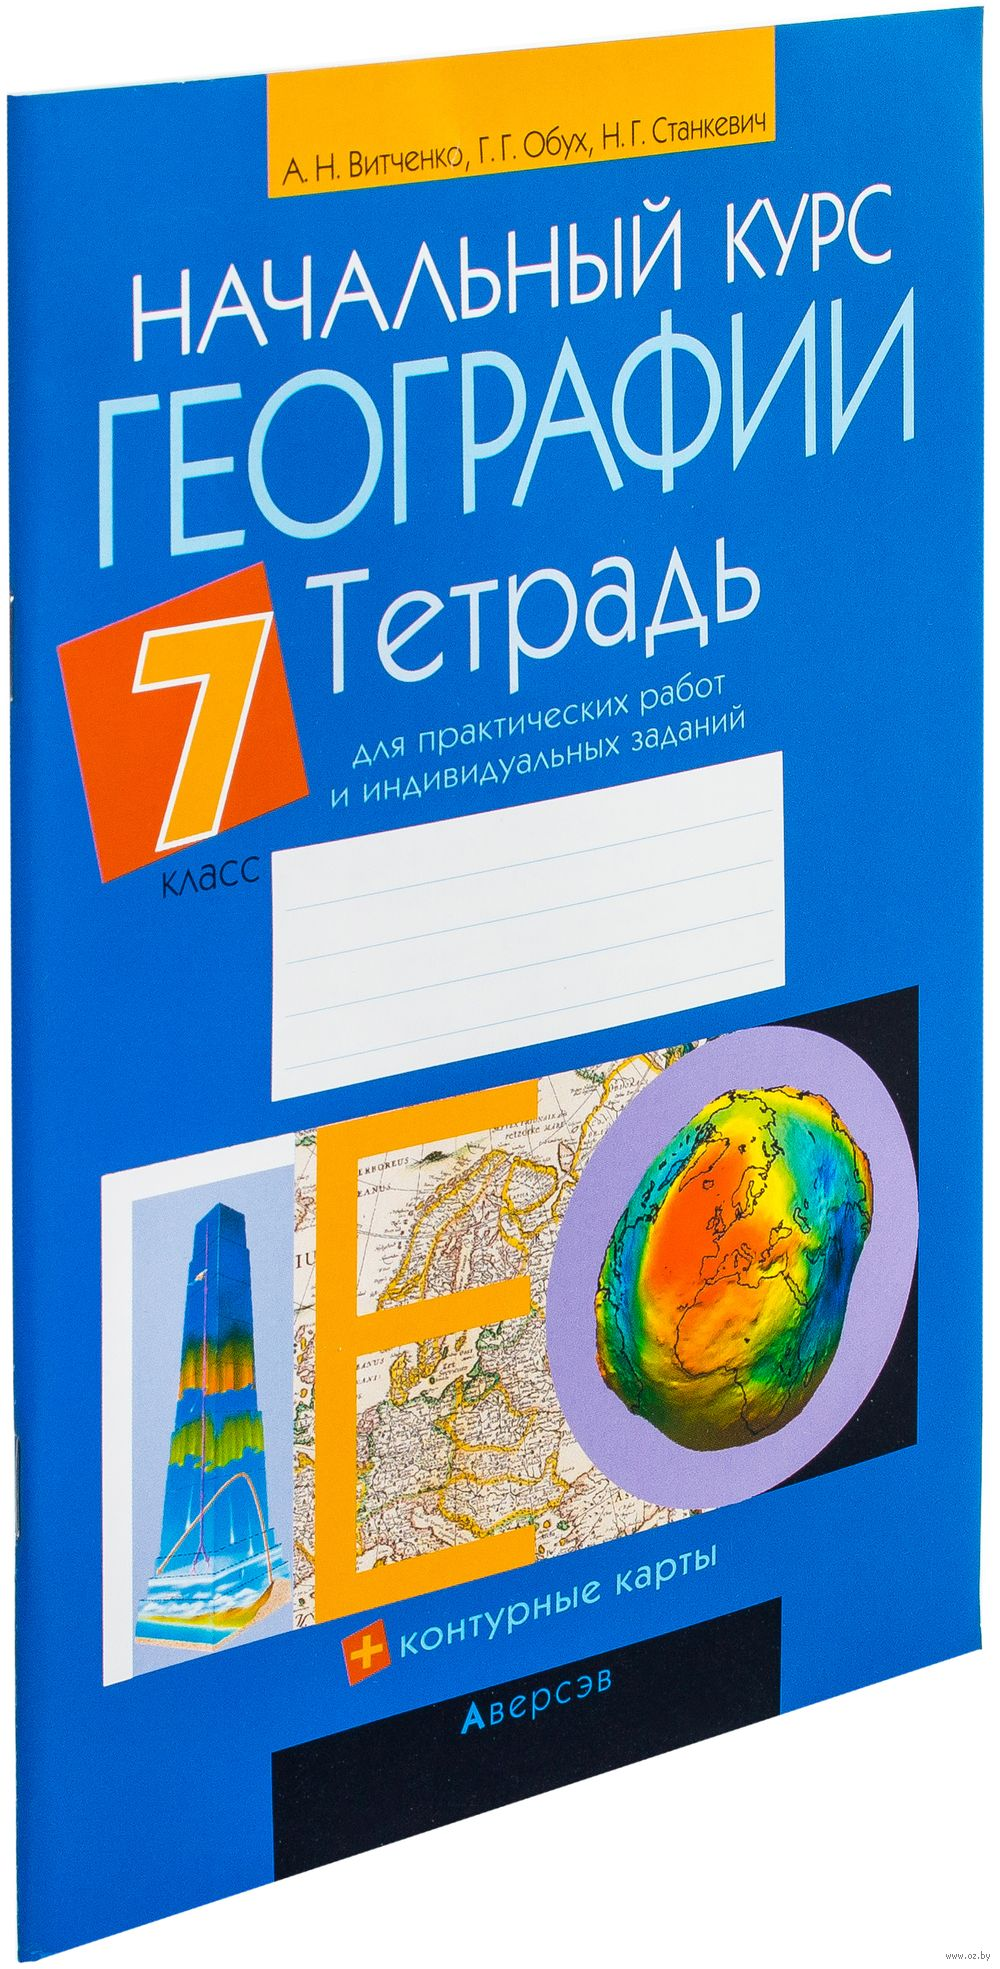 Начальный курс географии для практических и индивидуальных заданий 7 класс решебник